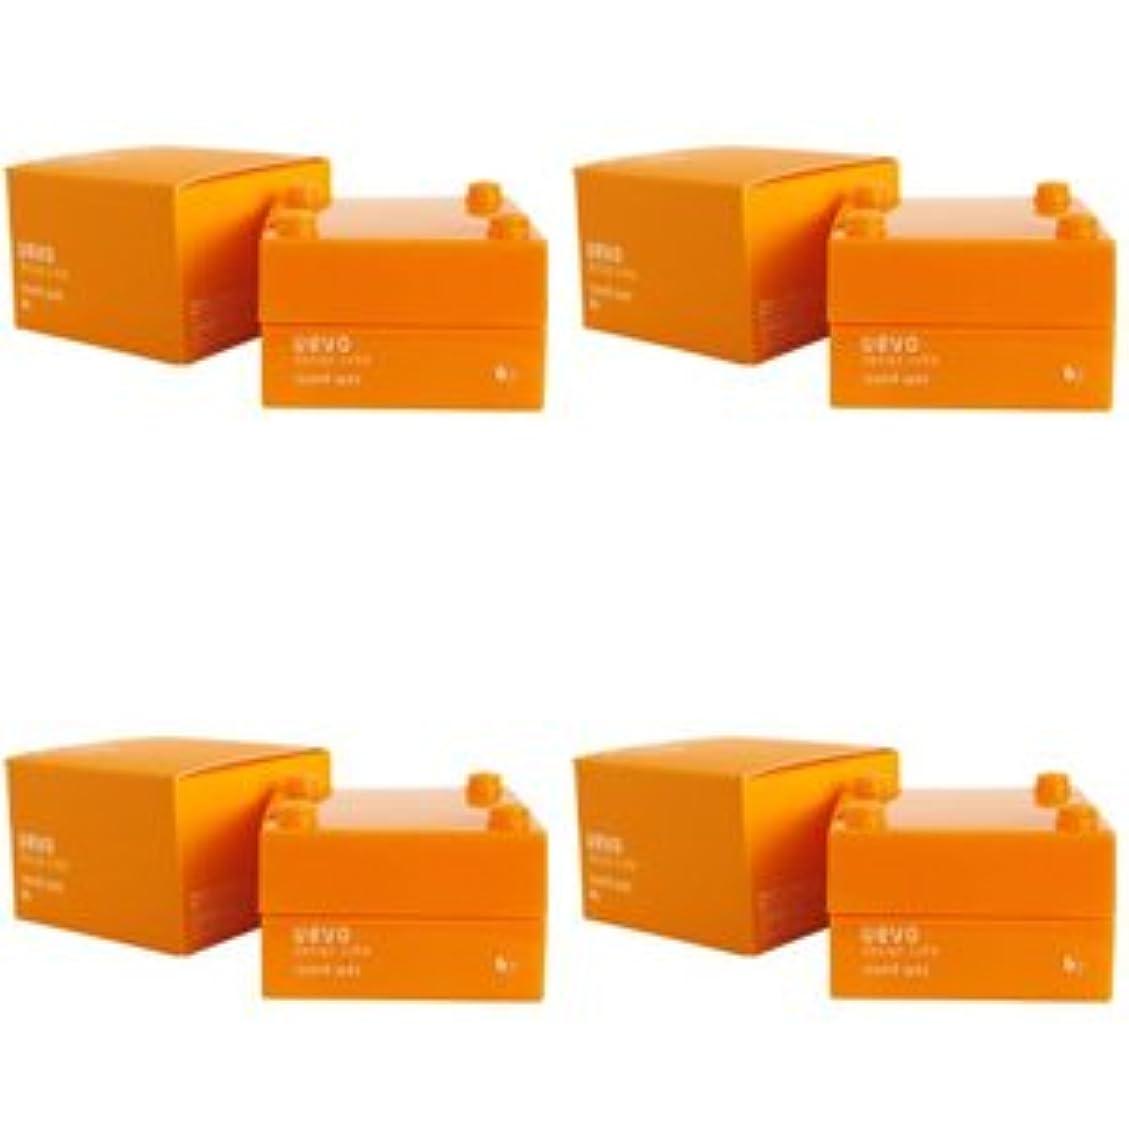 完全に音声学タックル【X4個セット】 デミ ウェーボ デザインキューブ ラウンドワックス 30g round wax DEMI uevo design cube